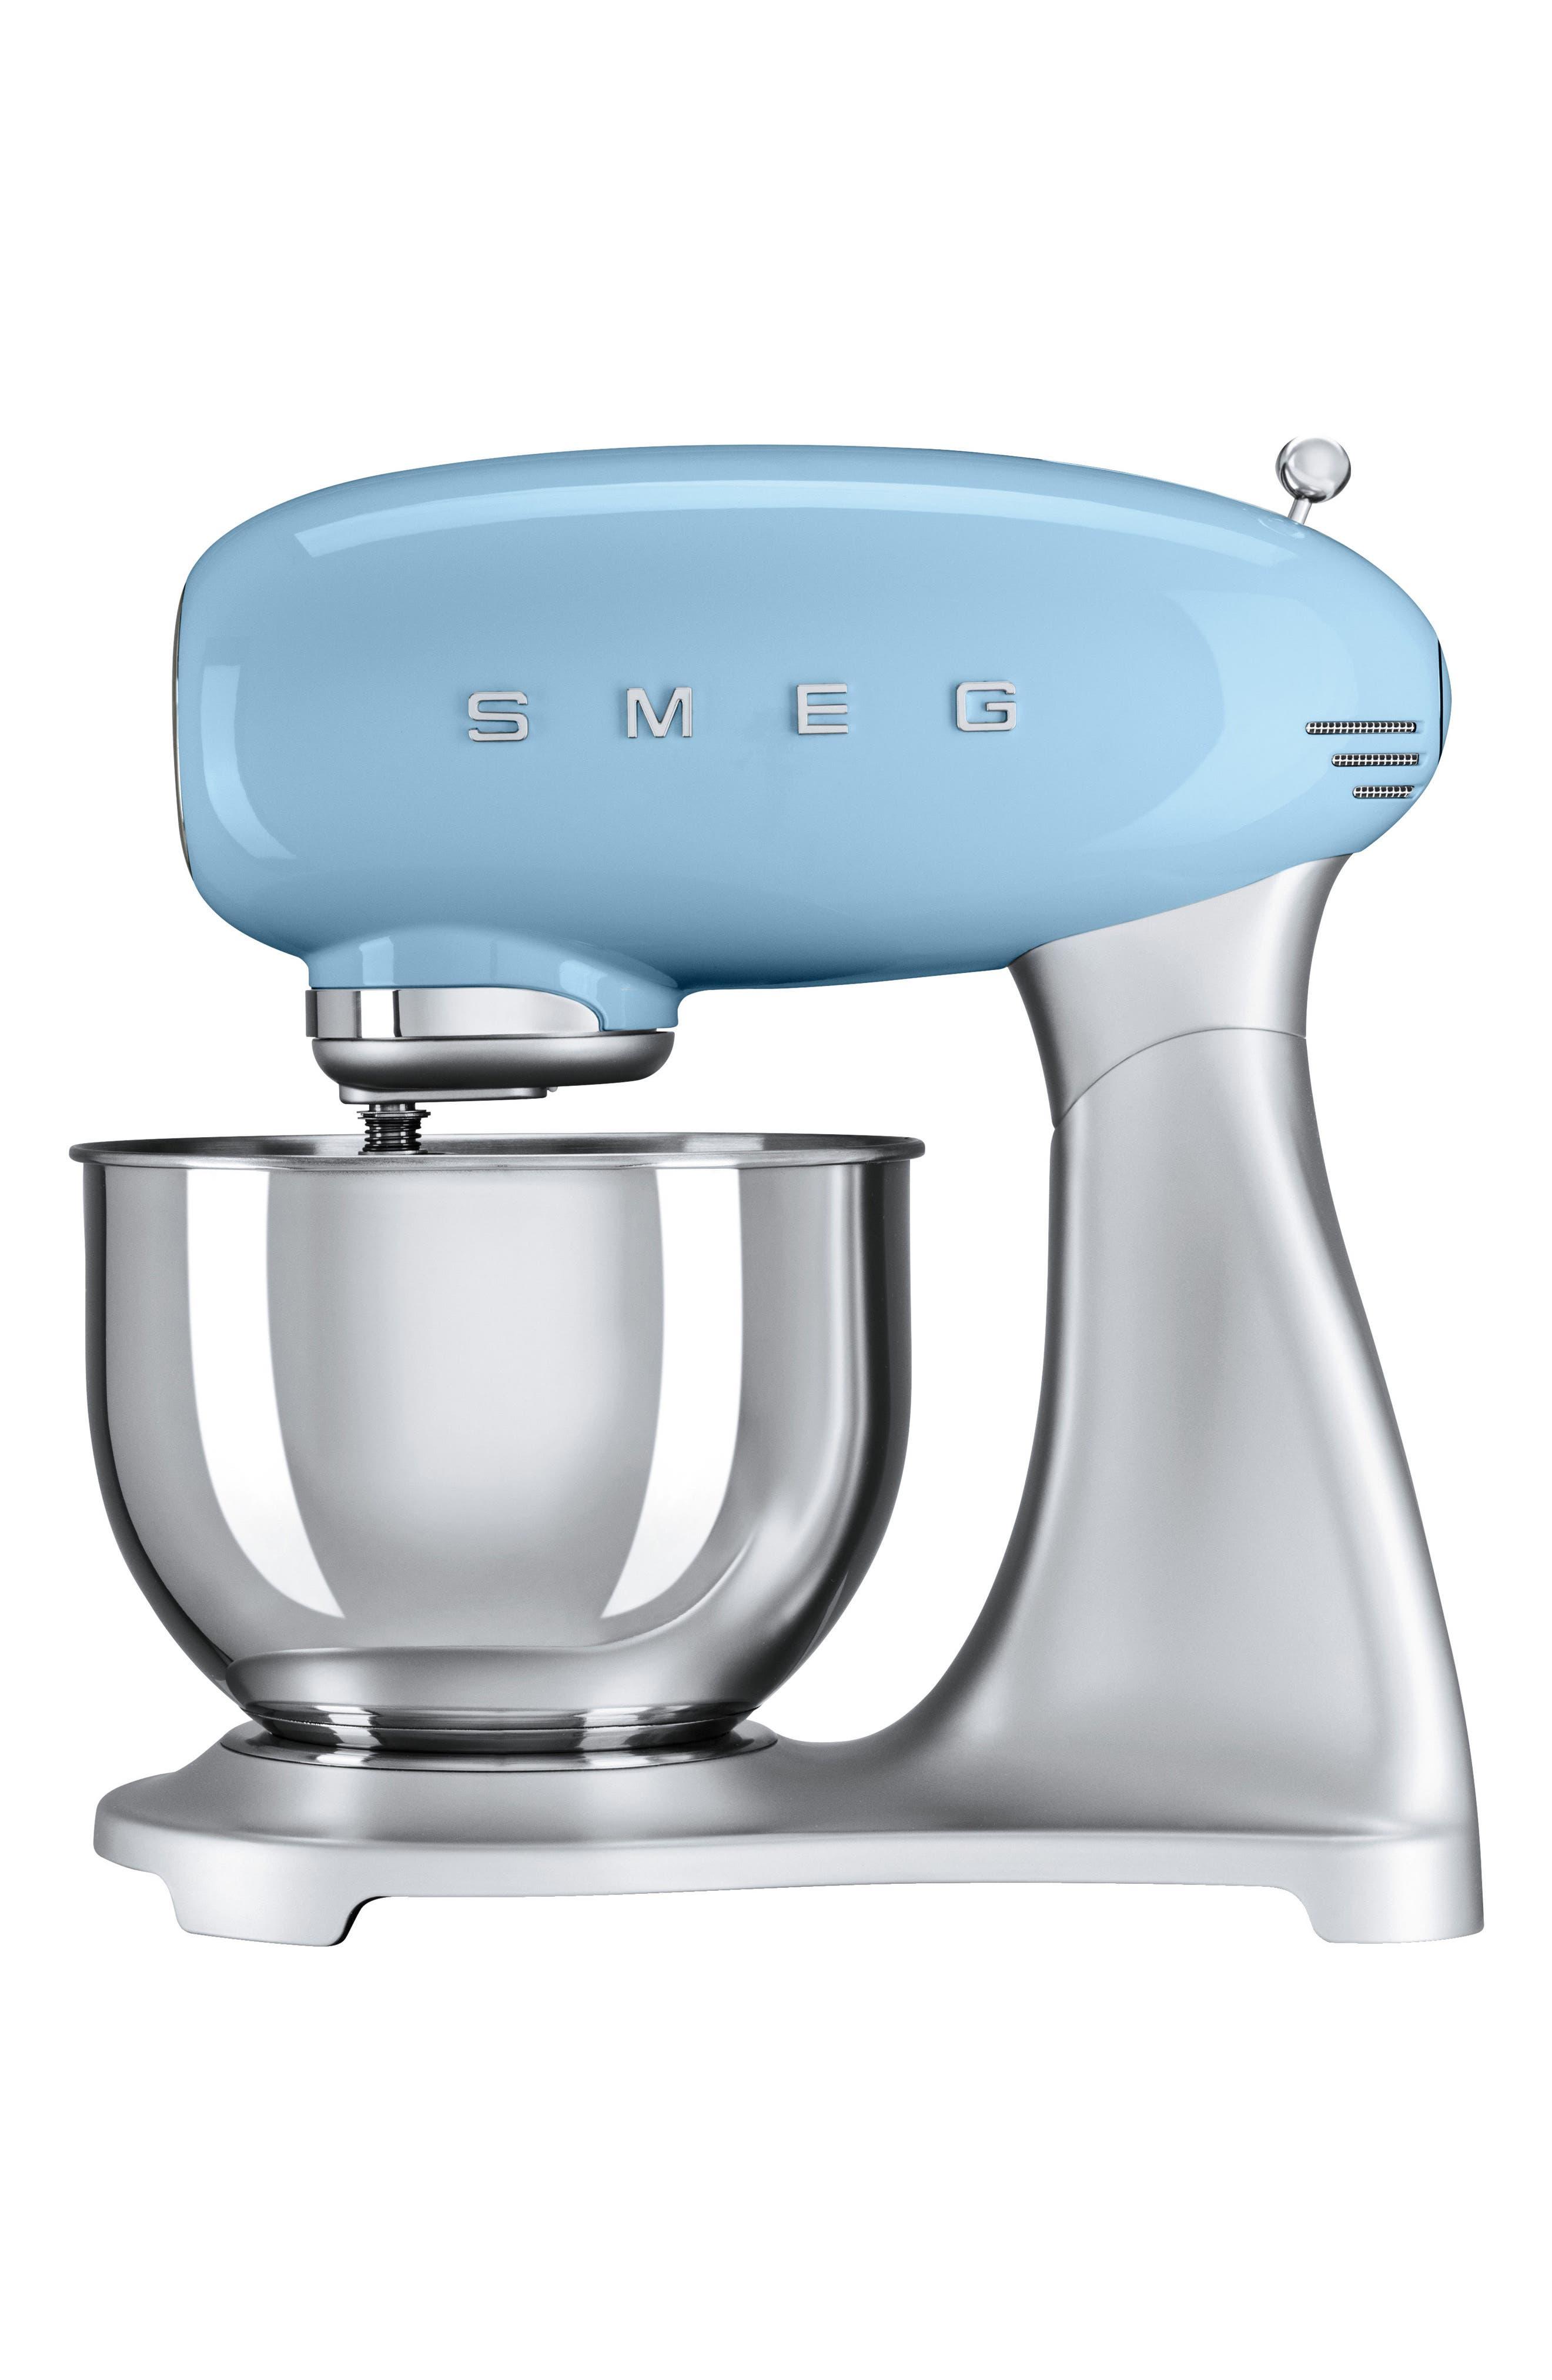 50s Retro Style Five-Quart Stand Mixer,                         Main,                         color, Pastel Blue